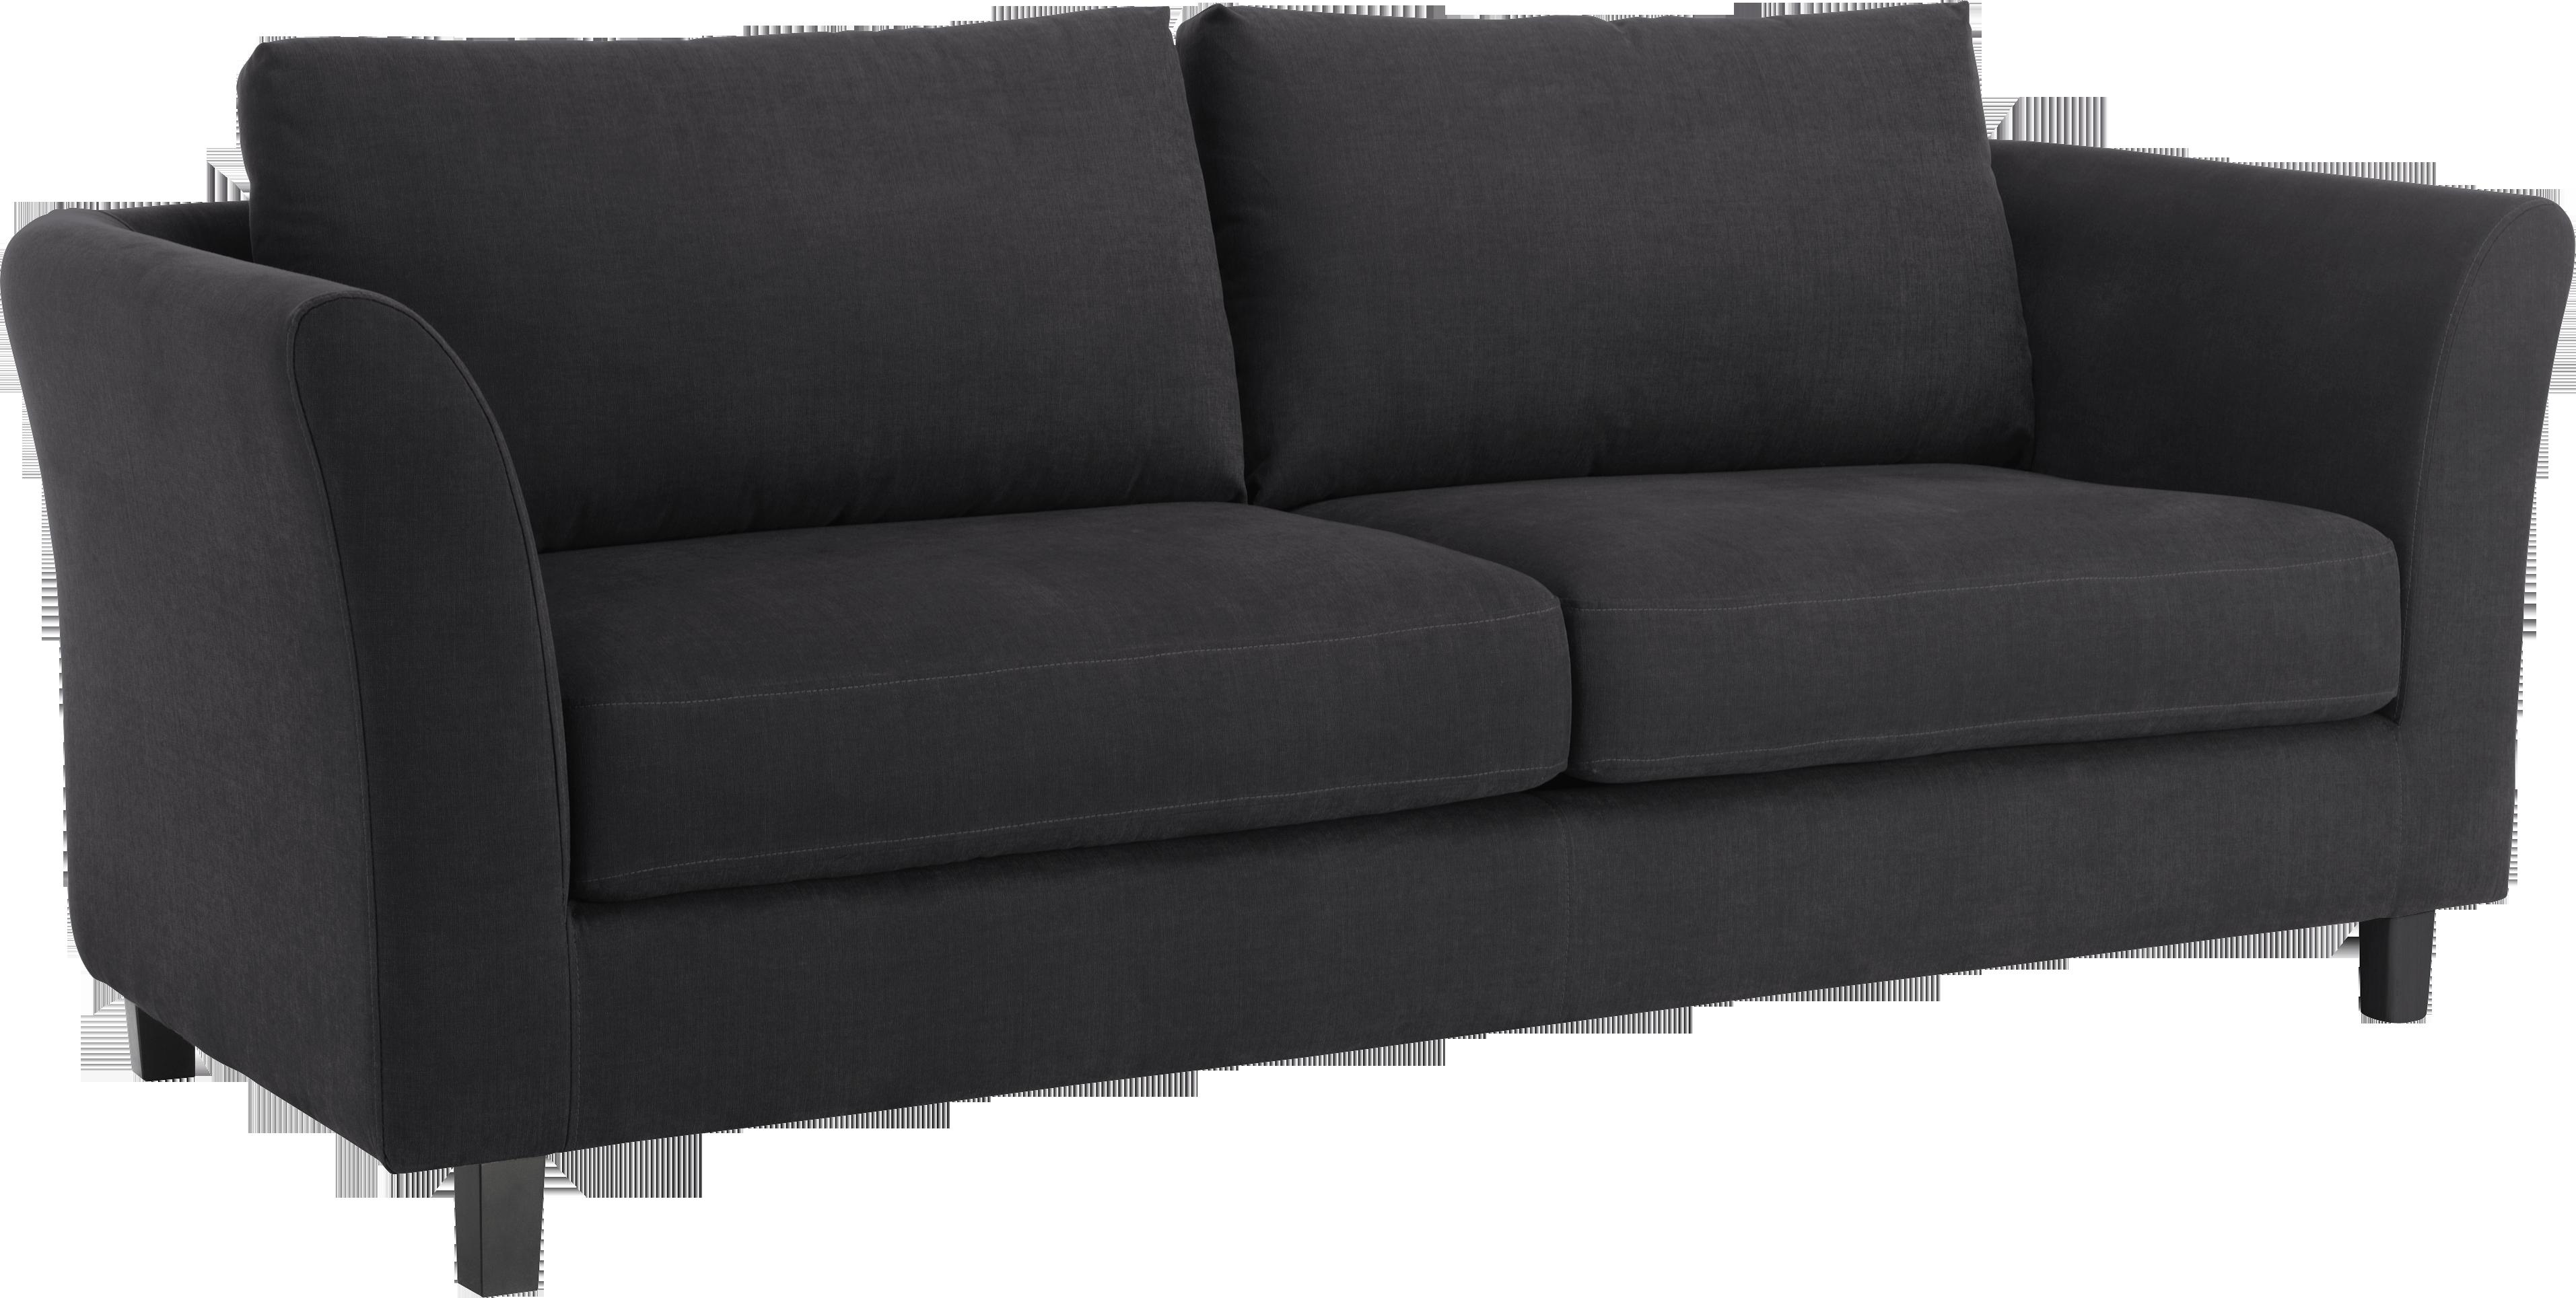 ALCOTT canapé-lit 2 places en tissu - Habitat   Deco   Pinterest